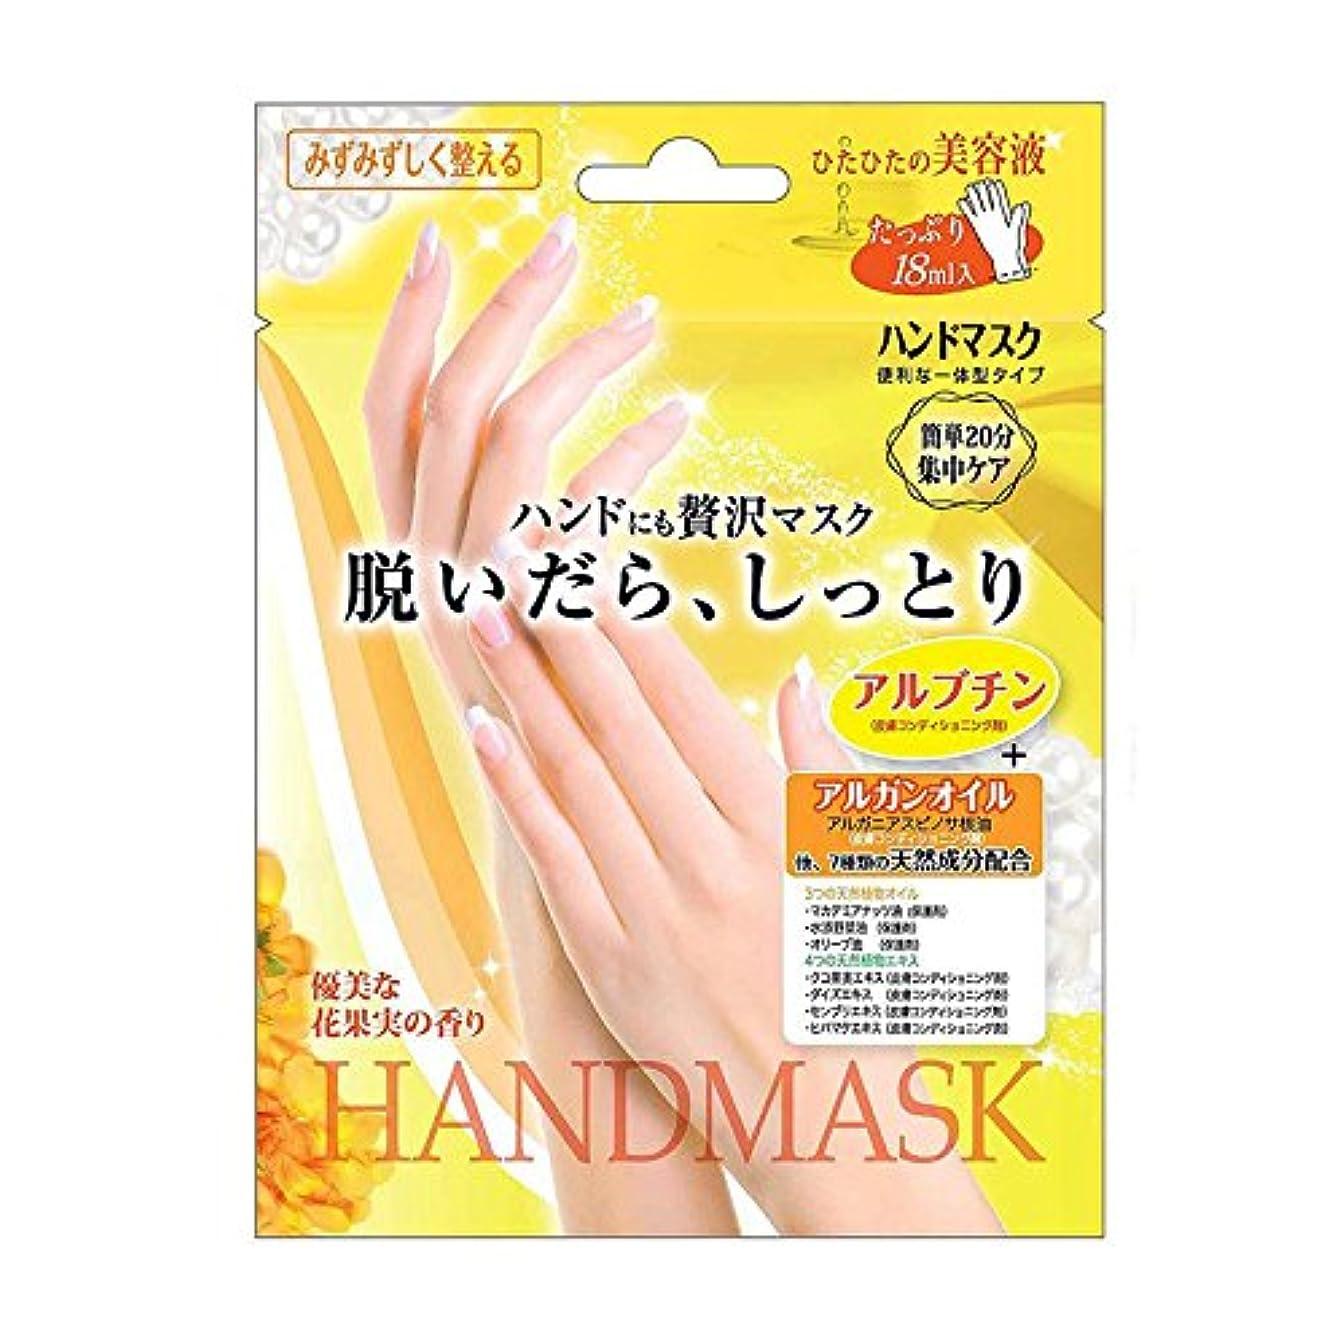 進む絶え間ないまもなくビューティーワールド ハンドにも贅沢マスク 脱いだら、しっとりハンドマスク 6個セット